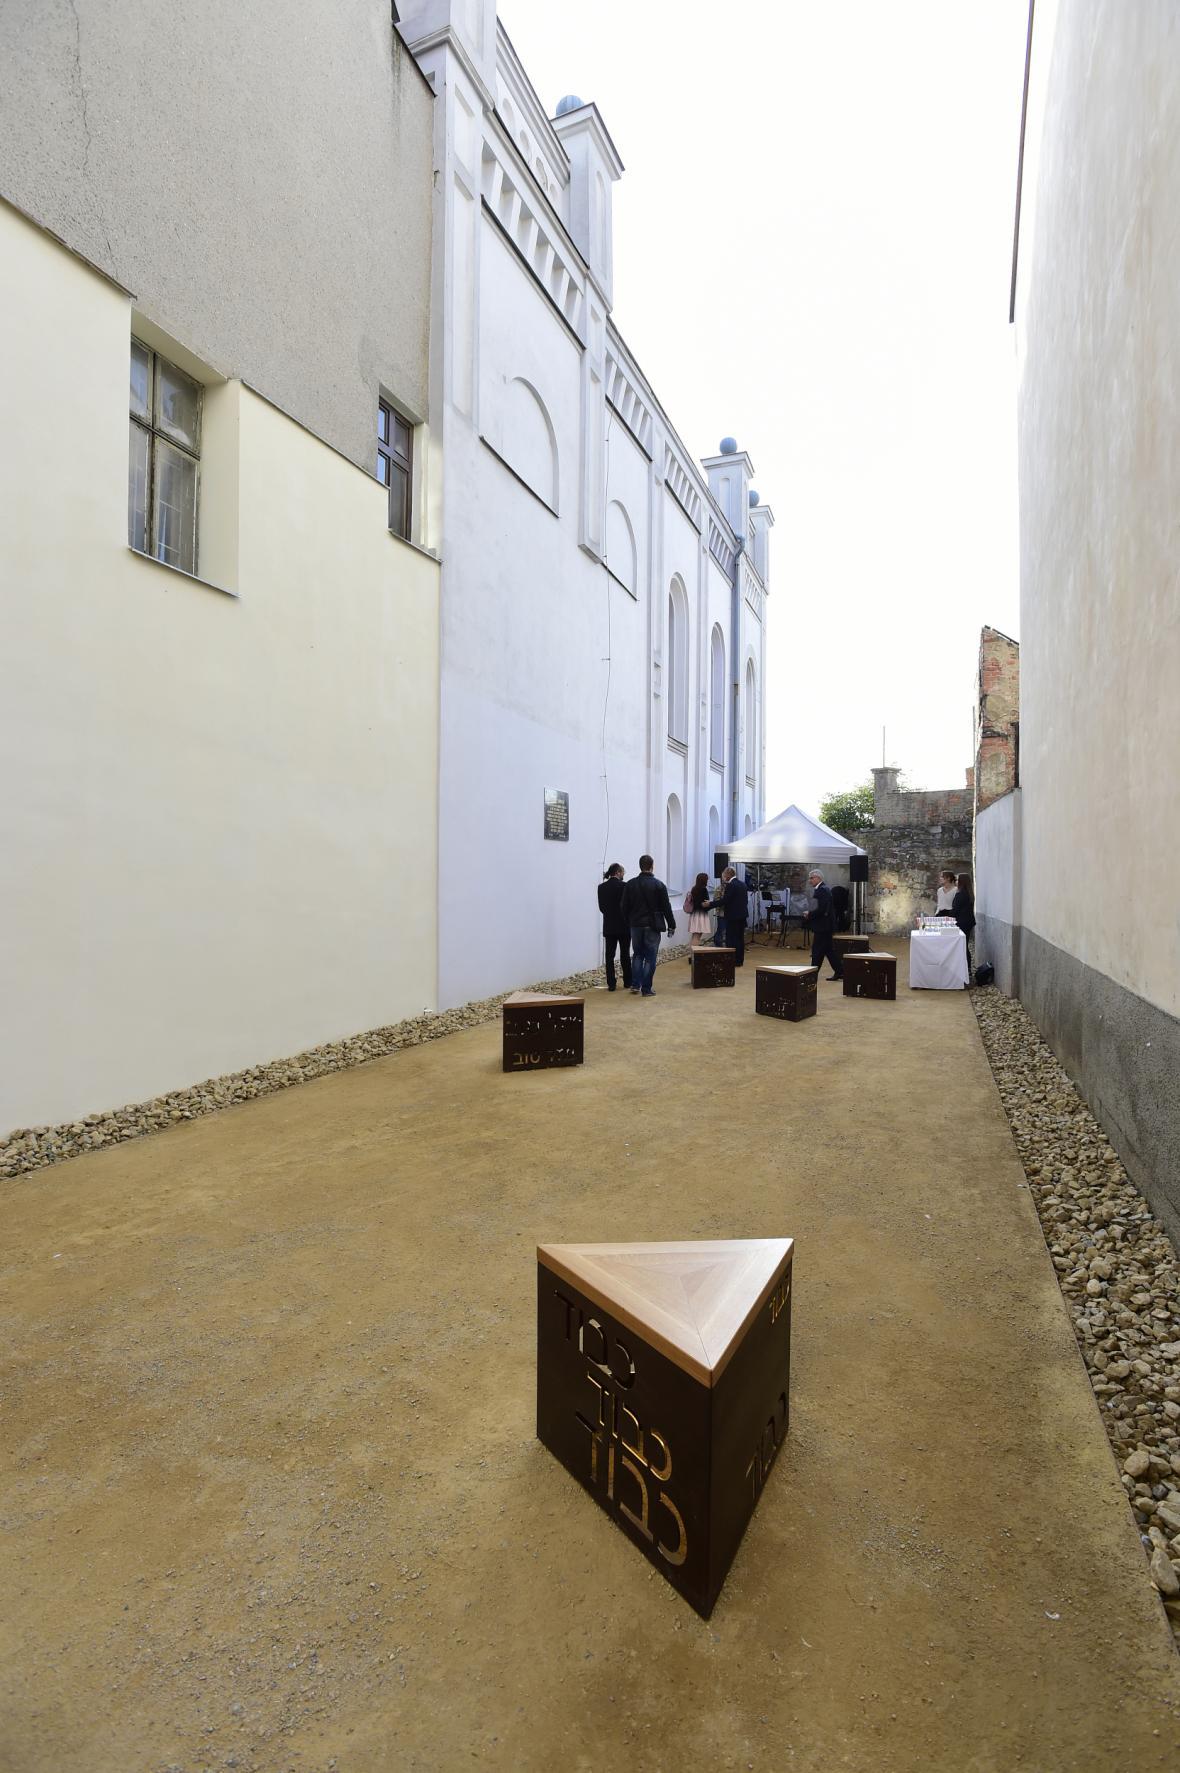 Výtvarná plastika v proluce u synagogy v Hranicích slouží k sezení